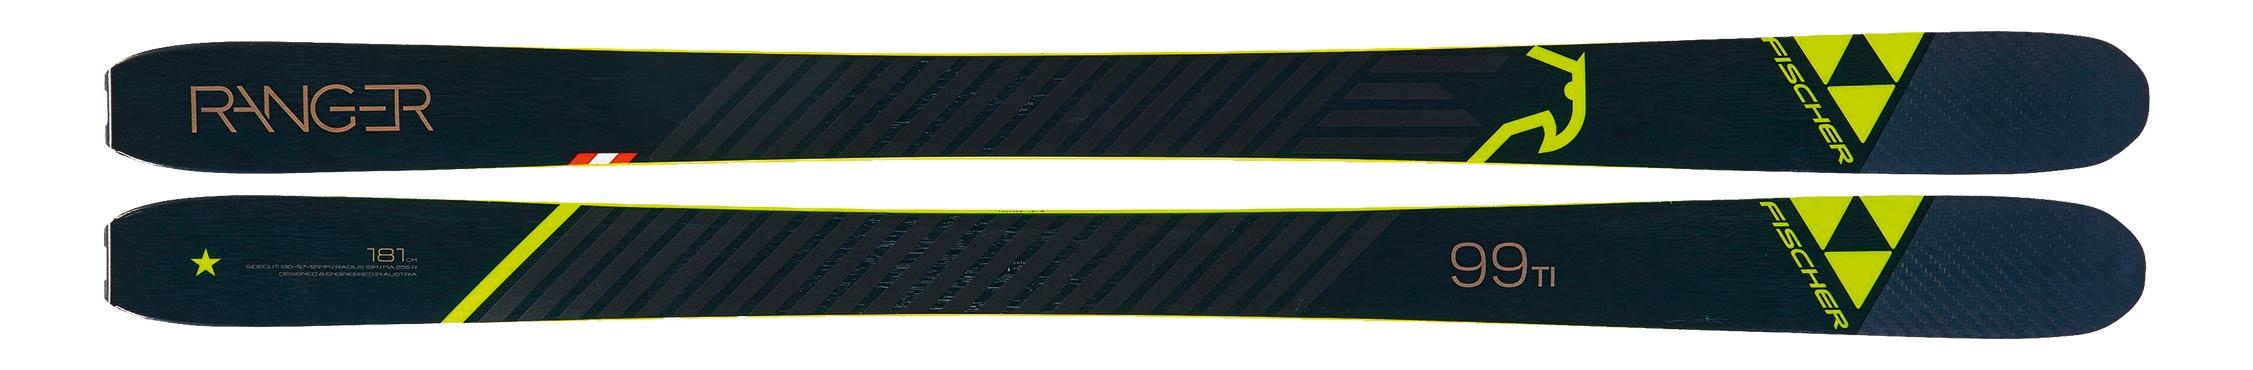 Fischer Ranger 99 TI - Topsheeet